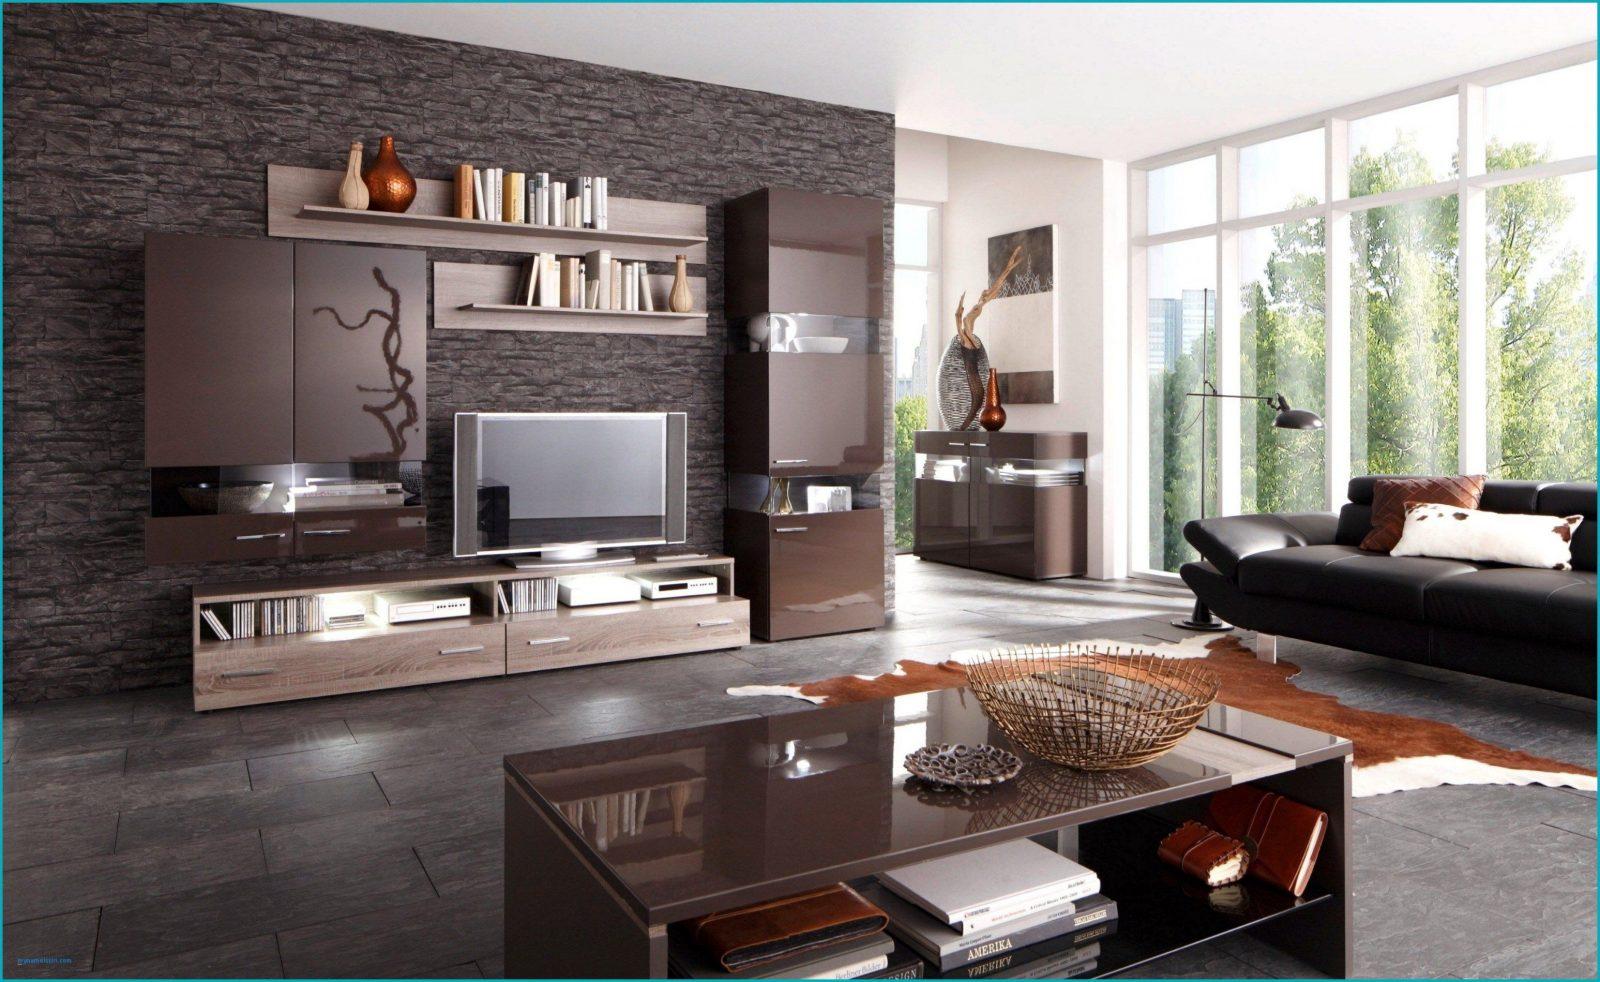 Graues Sofa Welche Wandfarbe Schön Charmant Wohnzimmer Mit Grauem